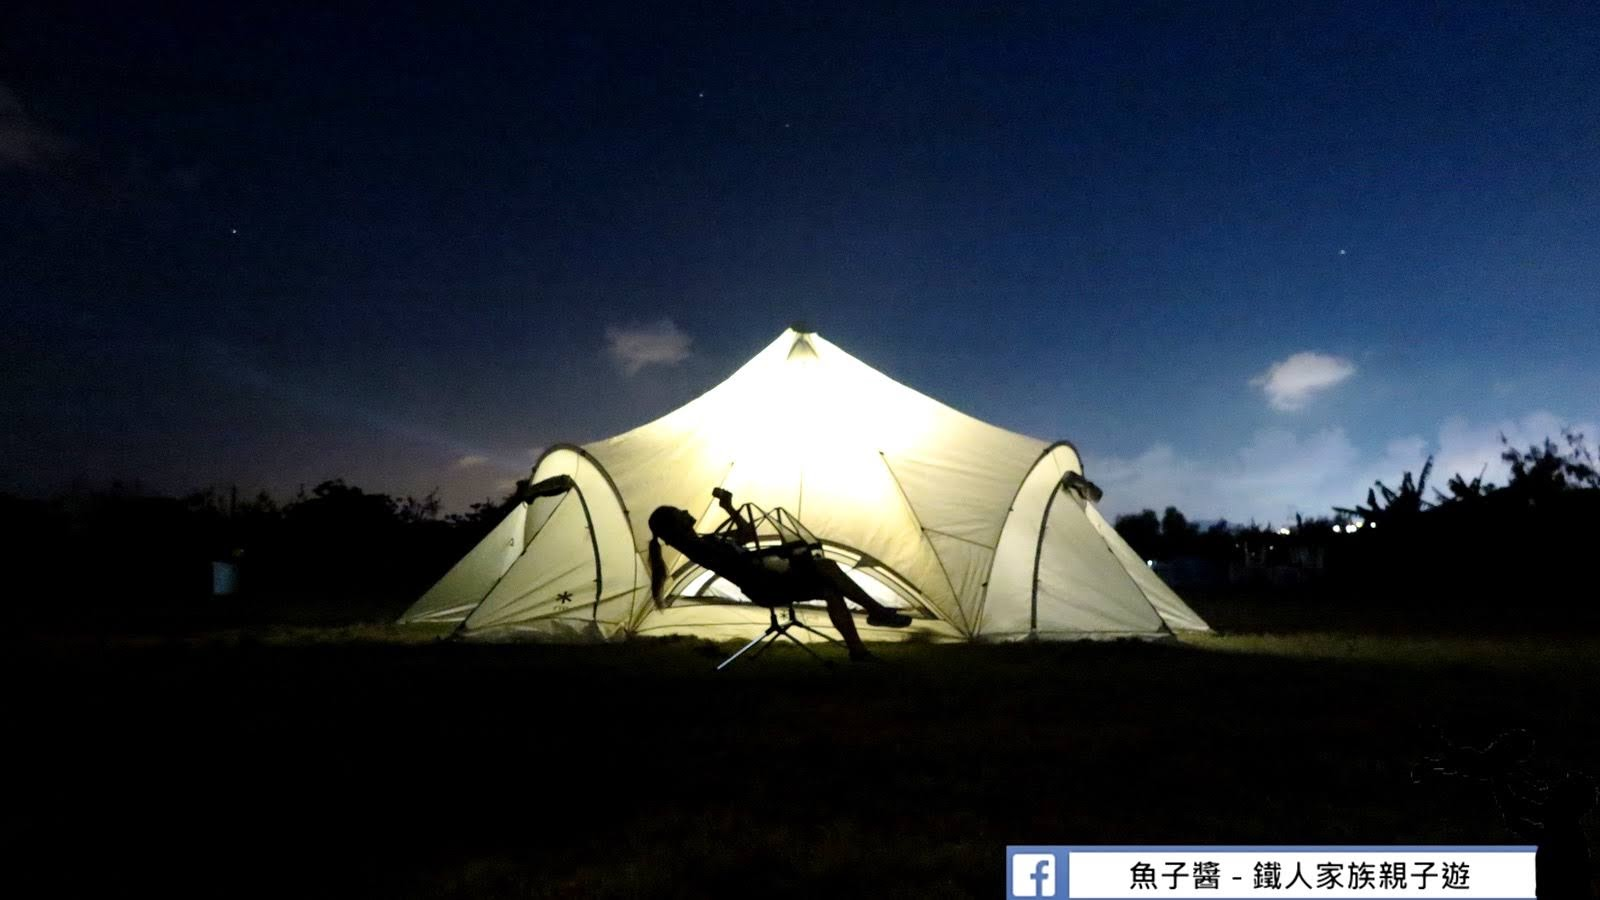 【親子露營】白泥生態保育農莊 - 真正把車泊在營旁的car camping 【私人營地】【收費營地】